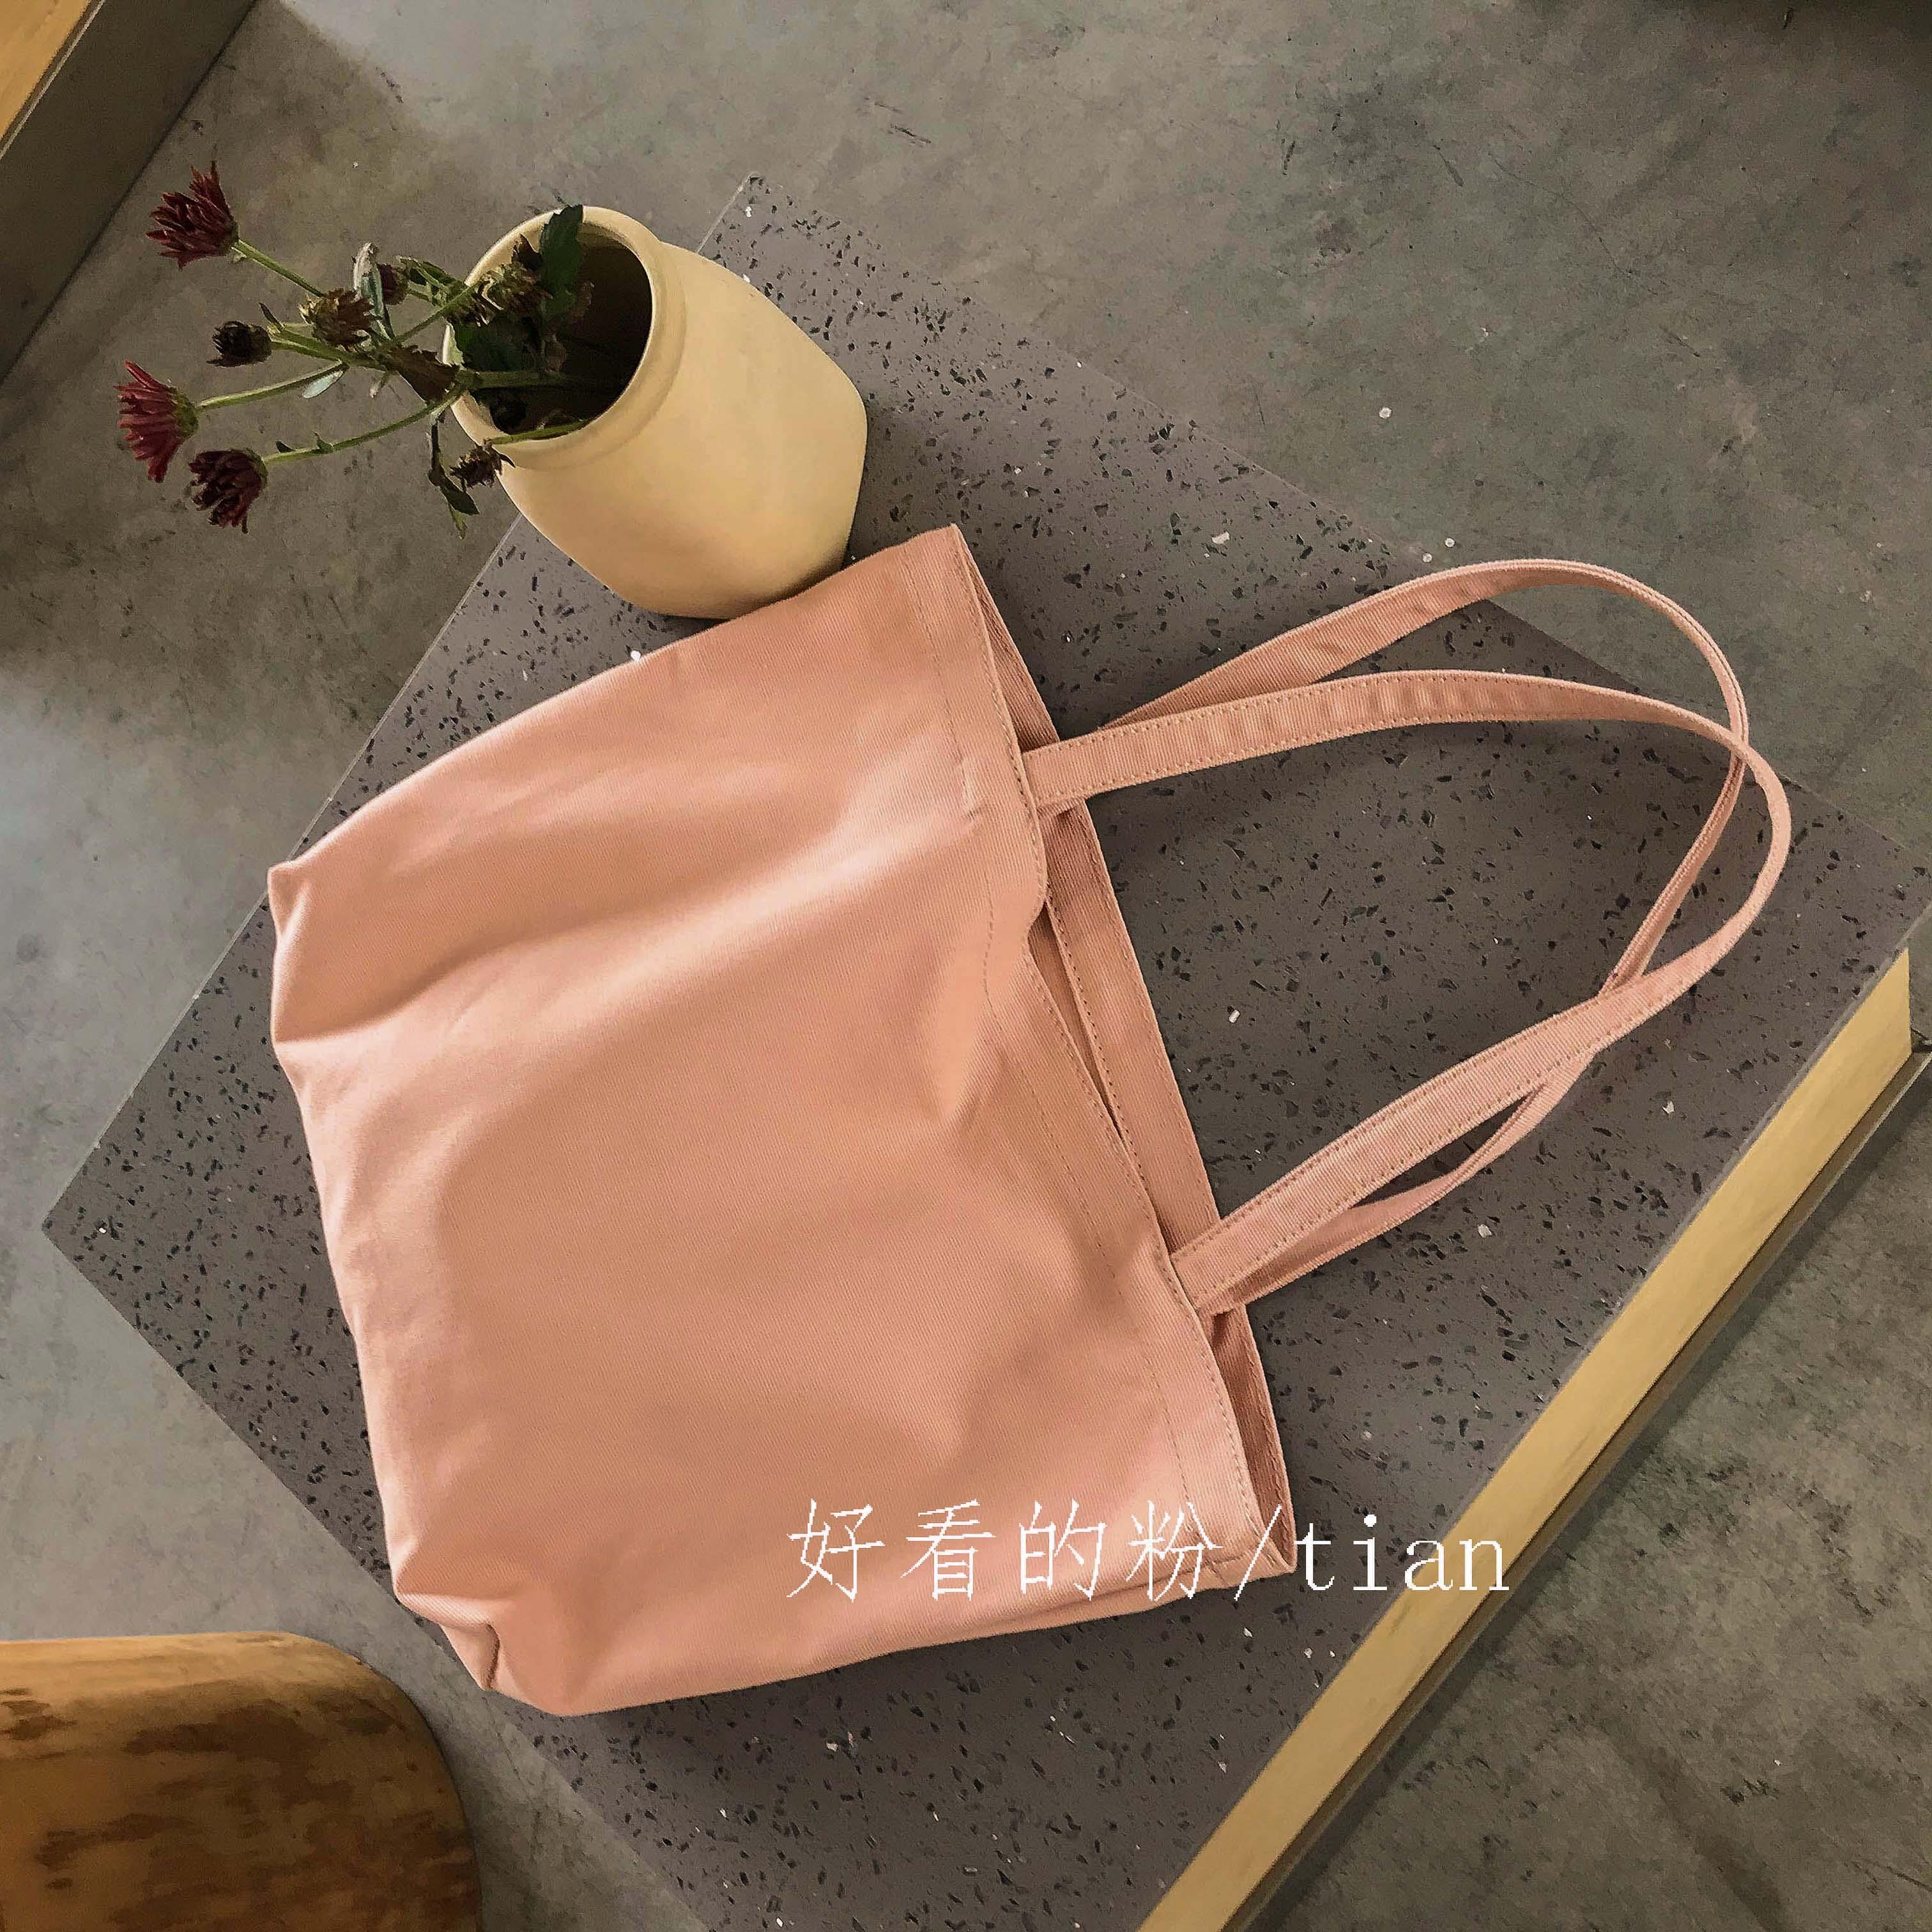 学生单肩包ins日系百搭拎书袋子夏季少女系纯色休闲可爱帆布大包